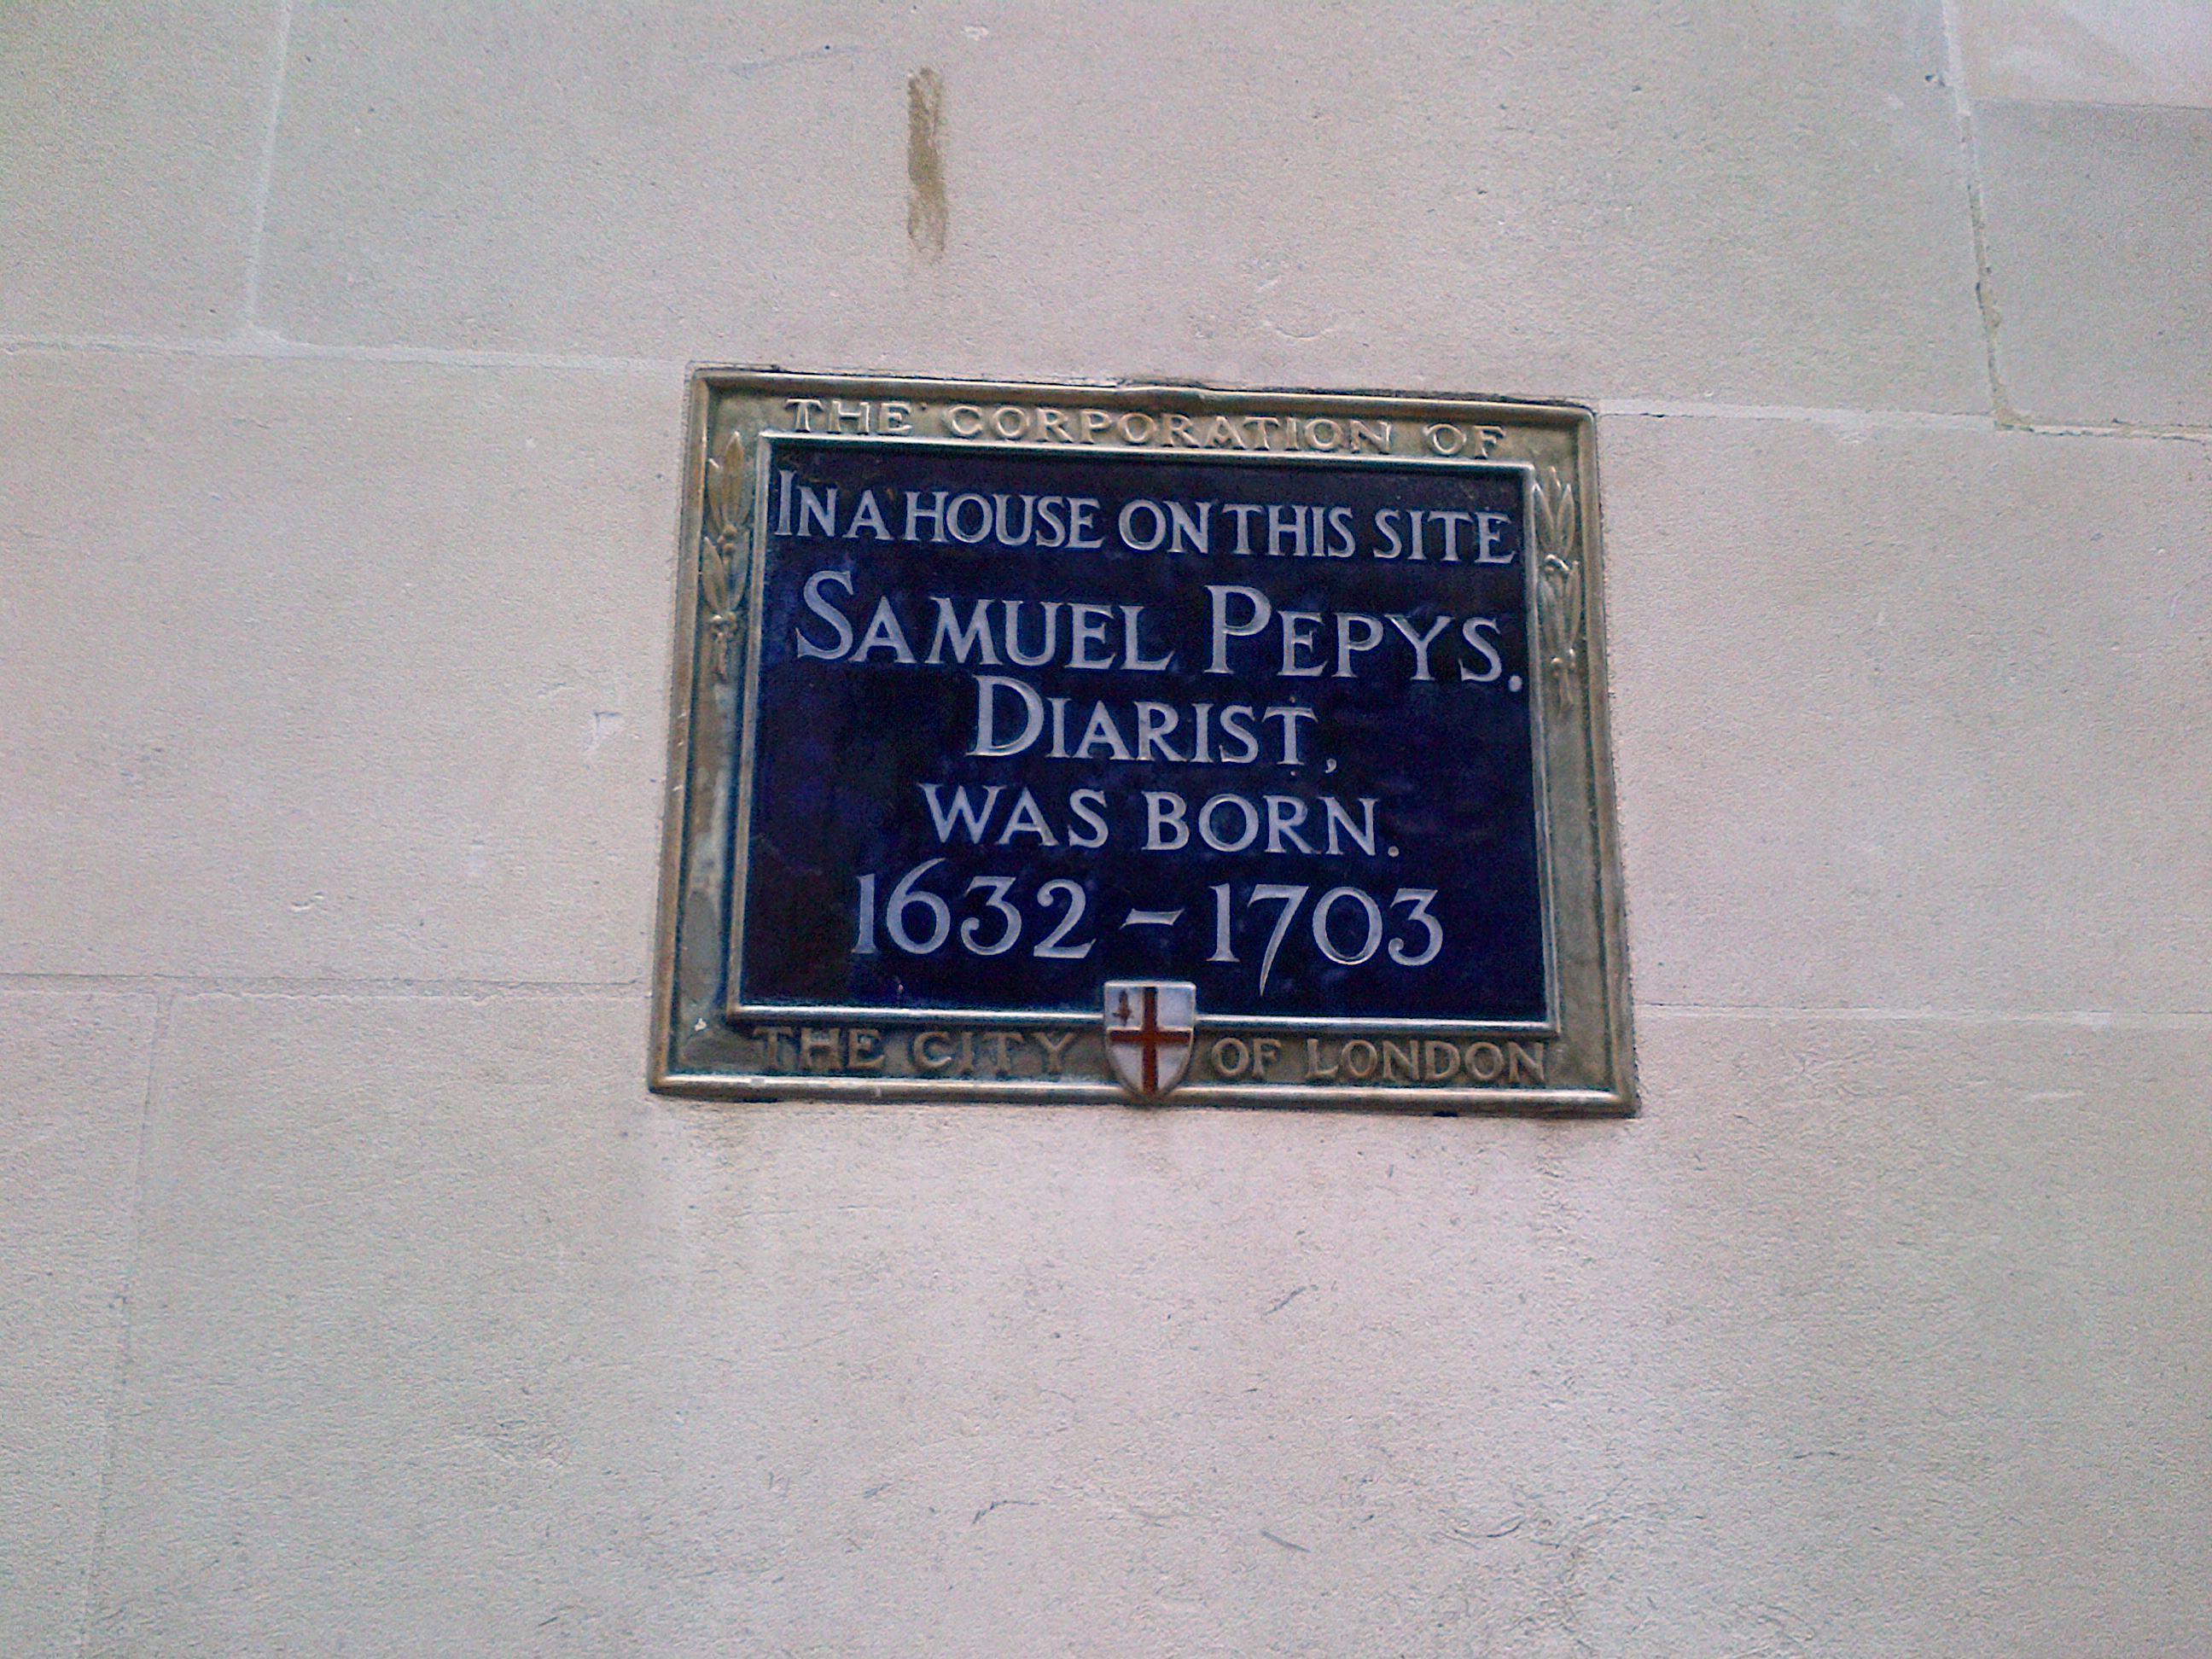 Samuel Pepys woz born ere